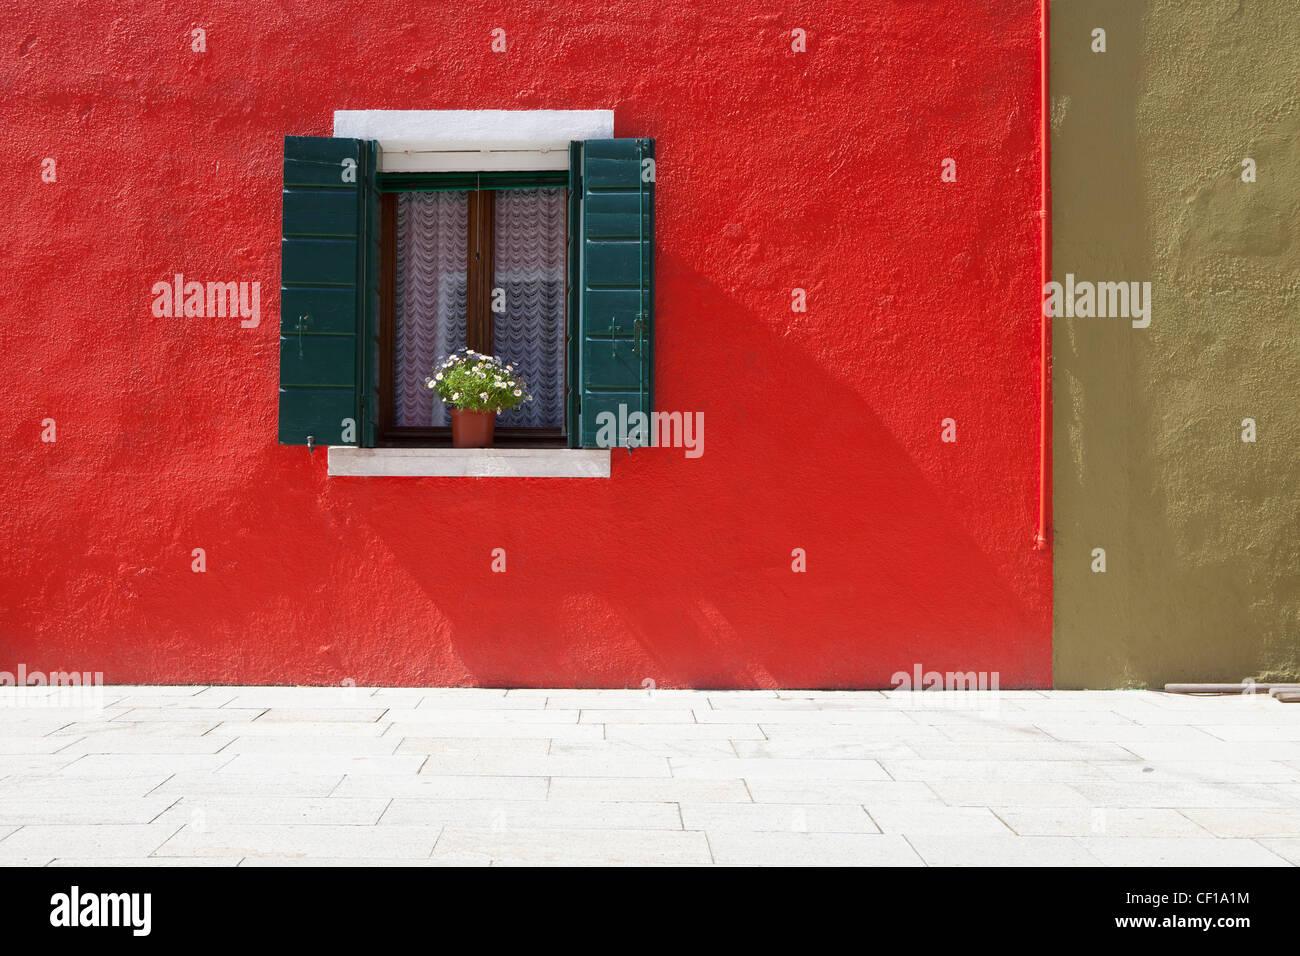 Un Pot de Fleurs se trouve dans une fenêtre avec des volets ouverts dans bâtiment peint en rouge vif; Photo Stock